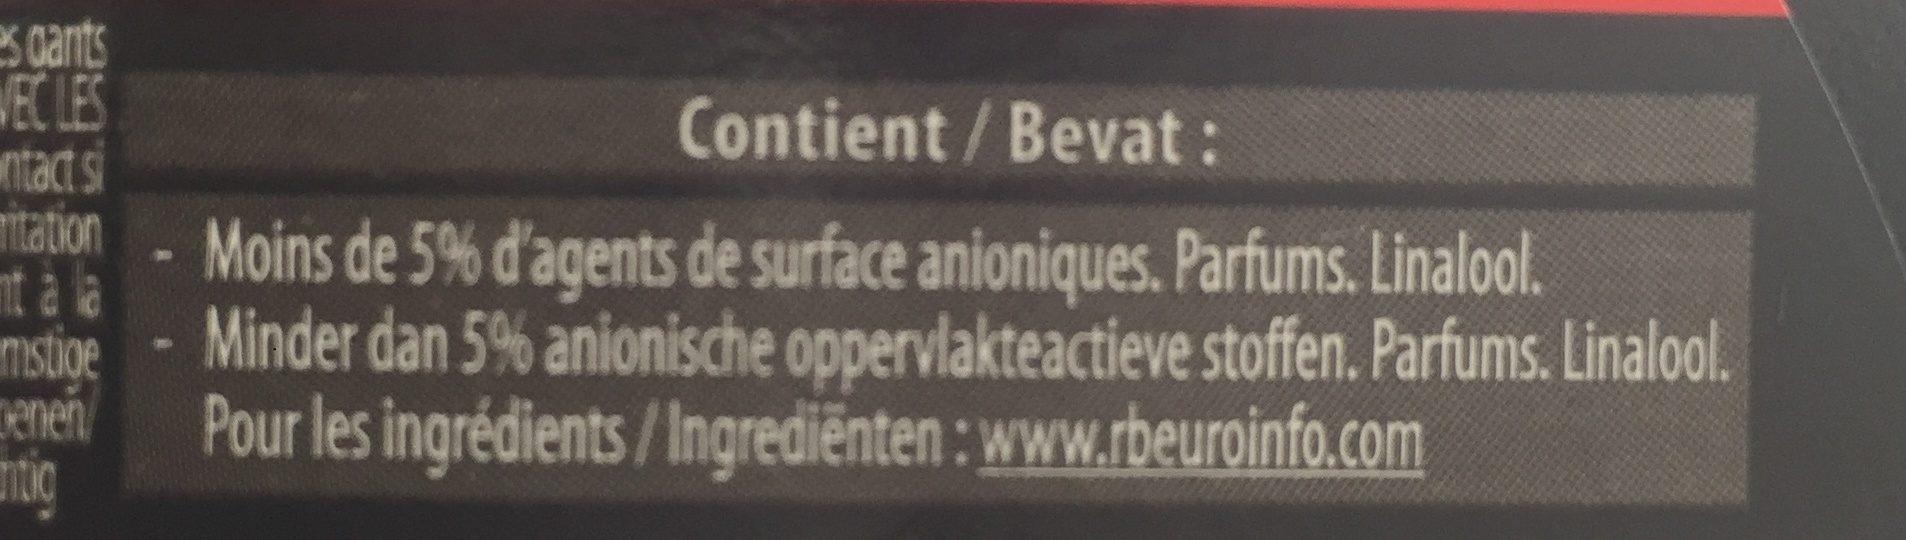 Nettoyant express 3 in 1, pour plaques de cuisson - Ingredients